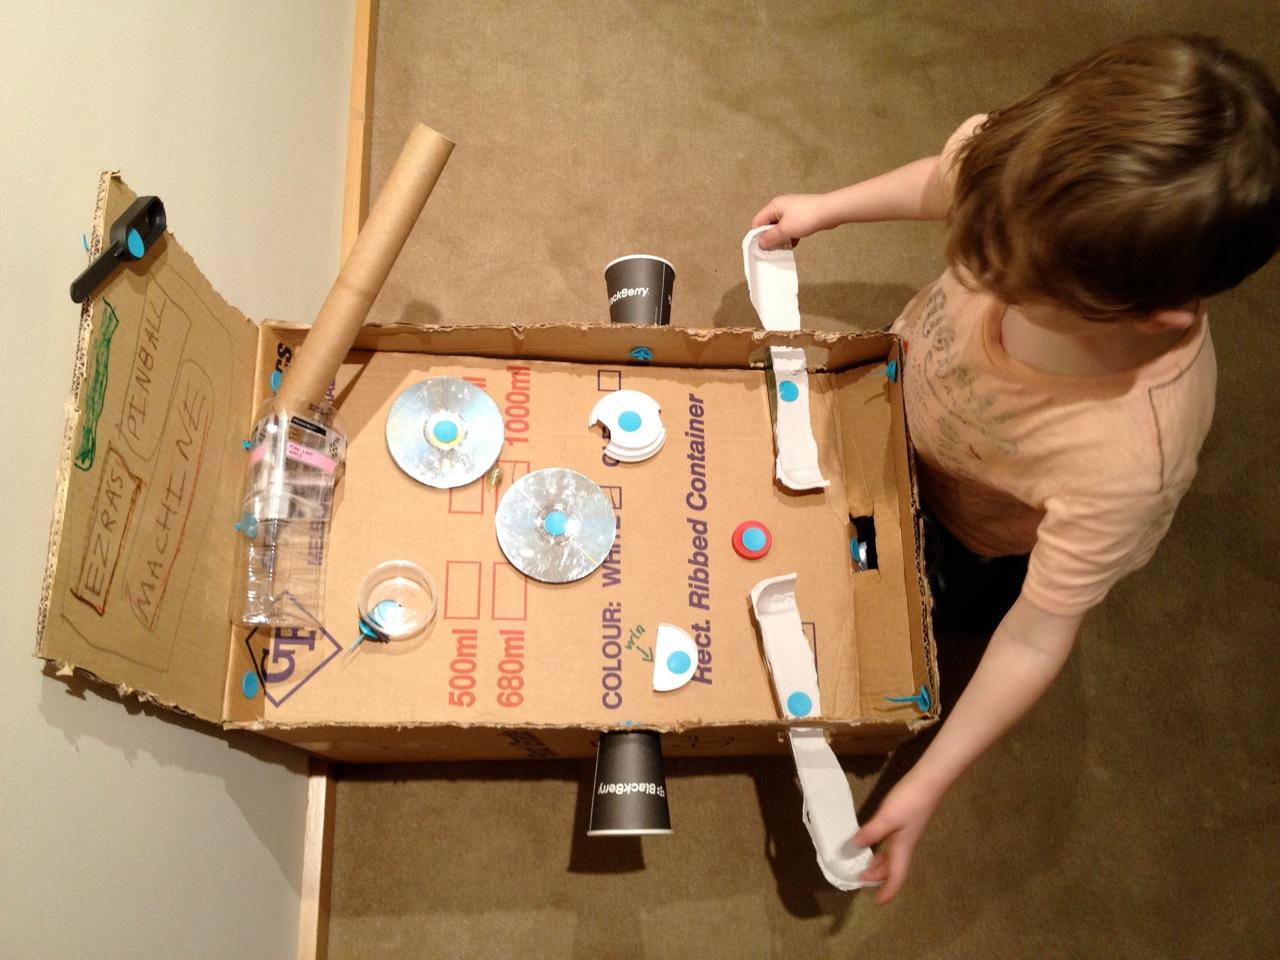 Makedo Pinball Machine